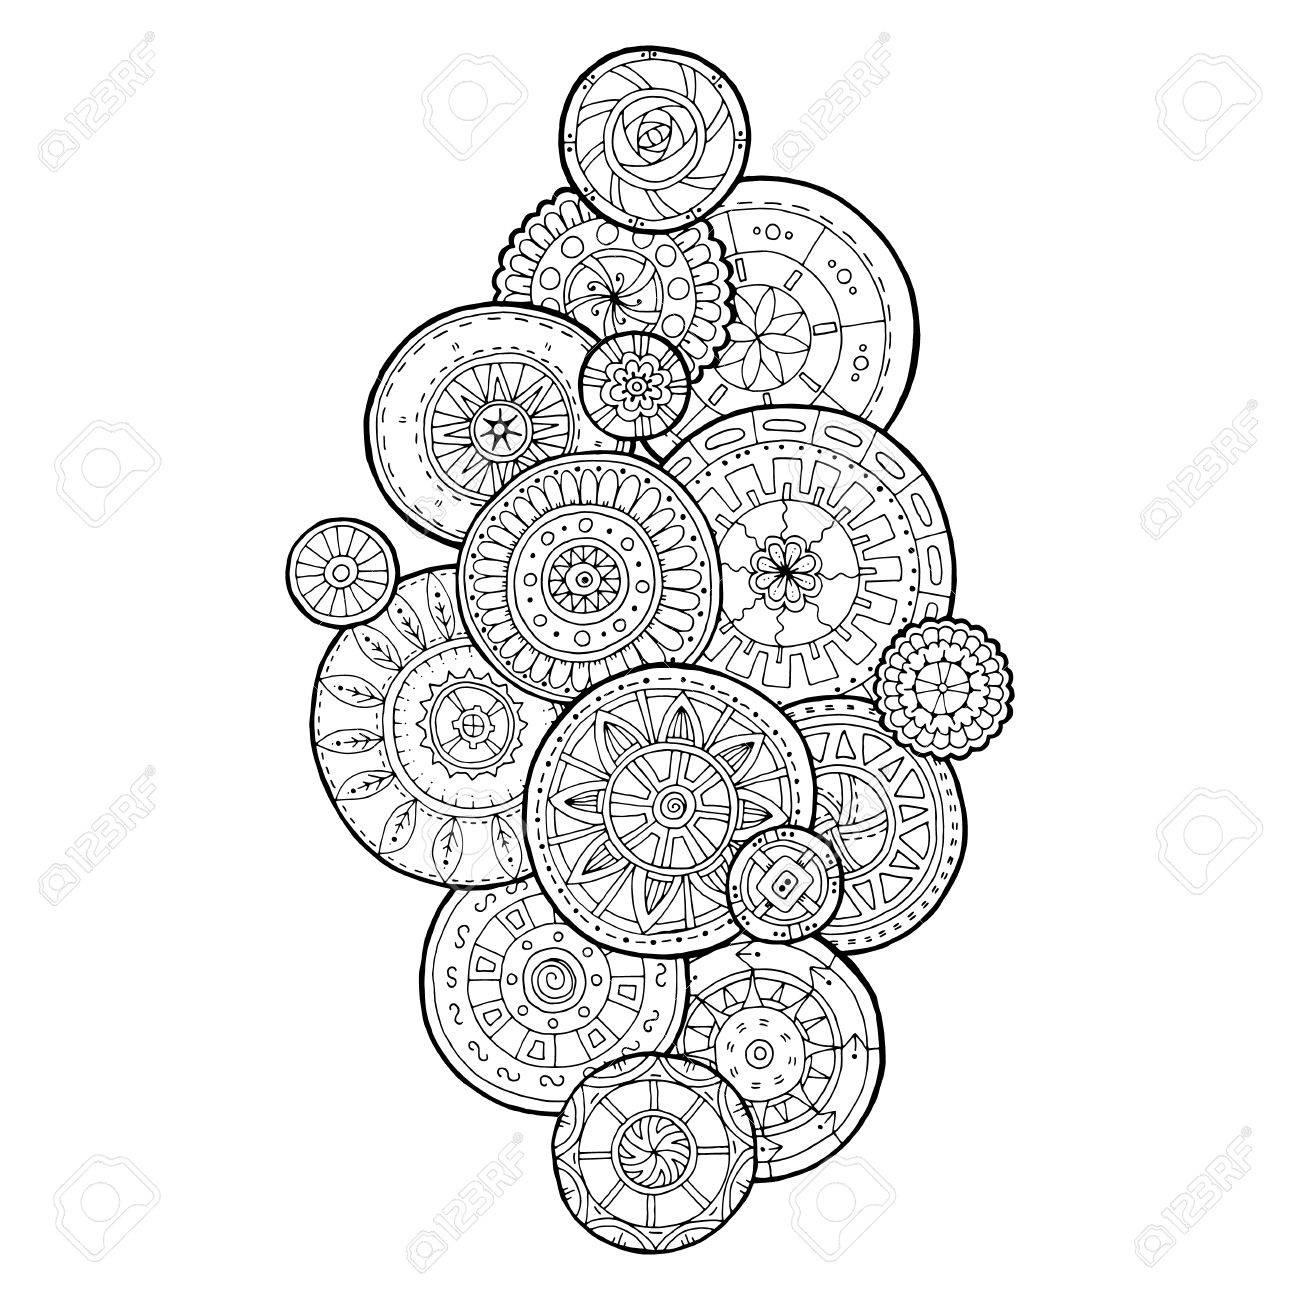 Verano Círculos De Flores Del Doodle Ornamento. Dibujado A Mano ...